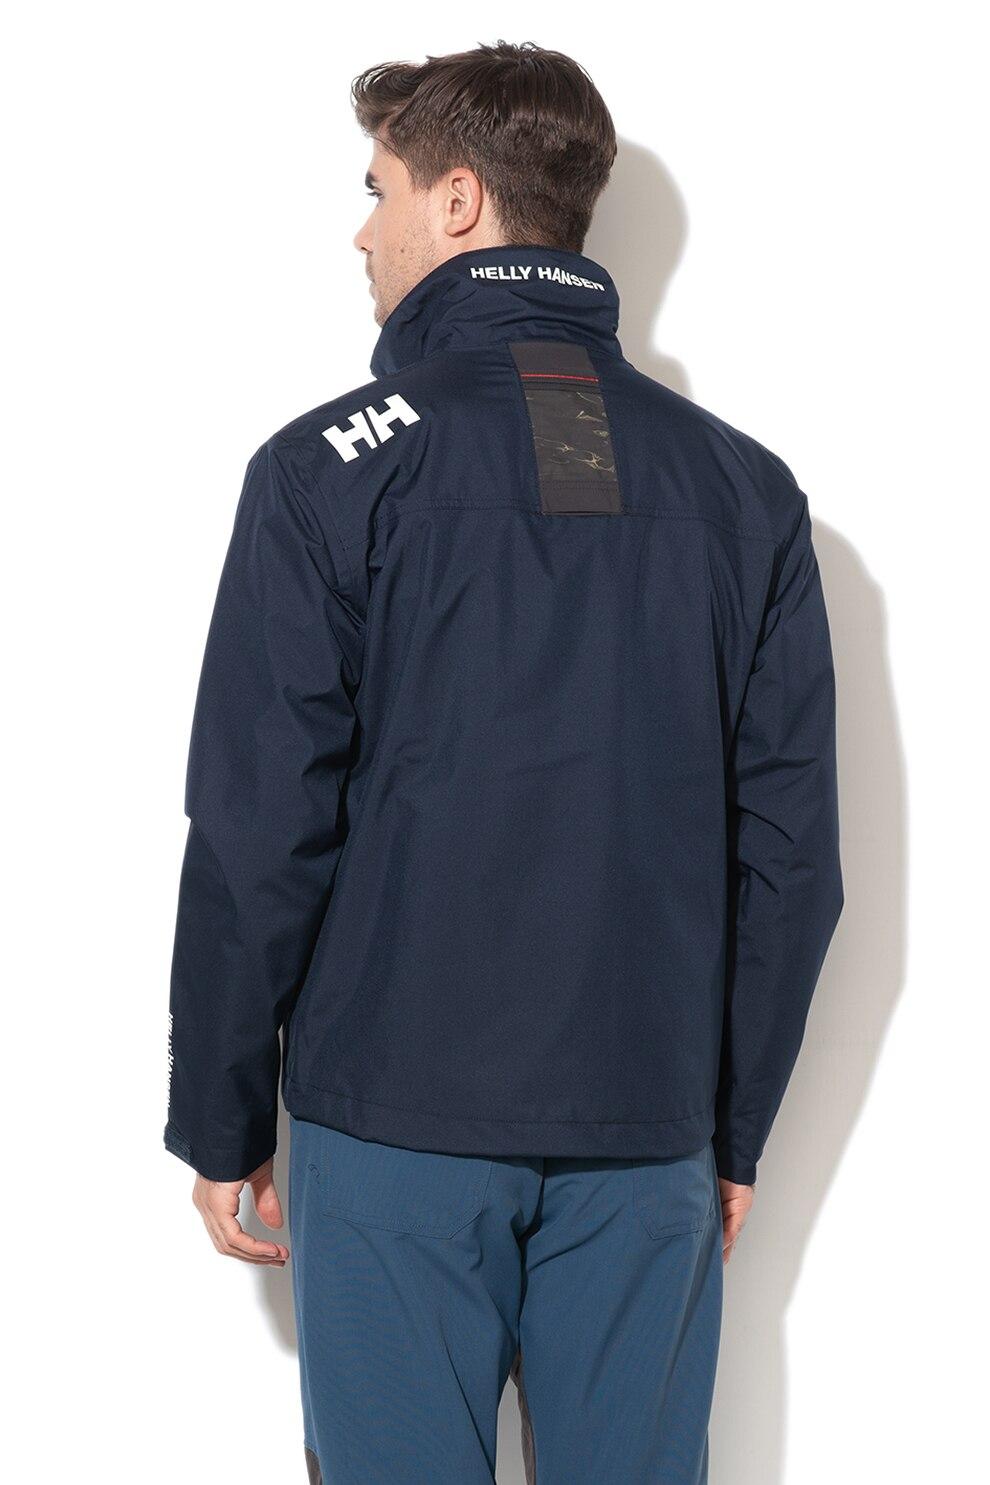 Helly Hansen ACTIVE 2 JACKET férfi kapucnis vízálló dzseki